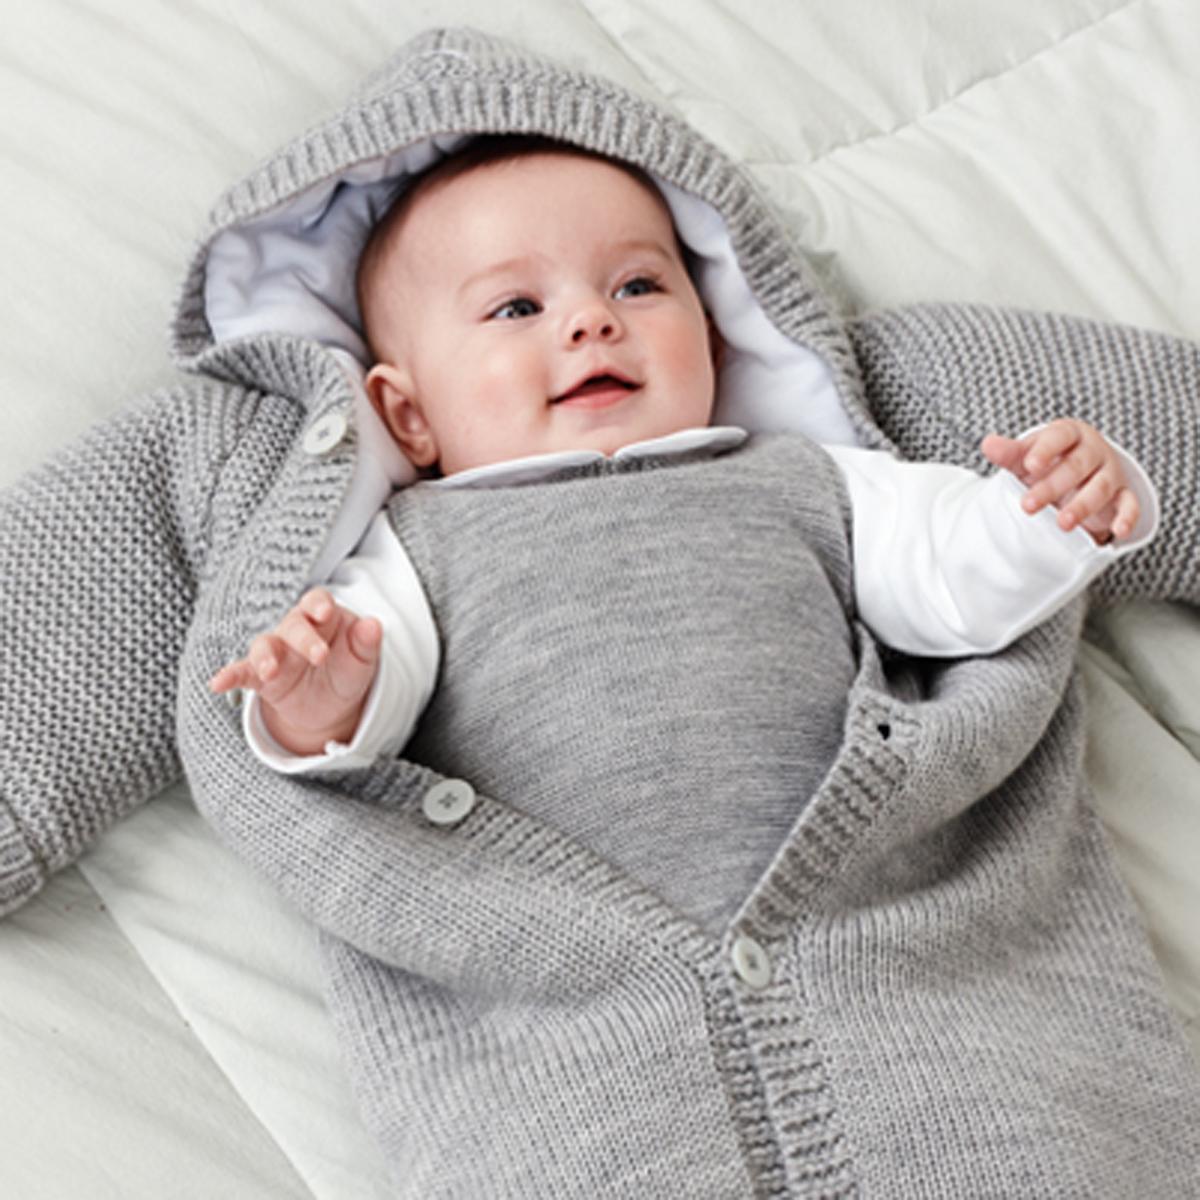 chăm sóc trẻ sơ sinh phần 1